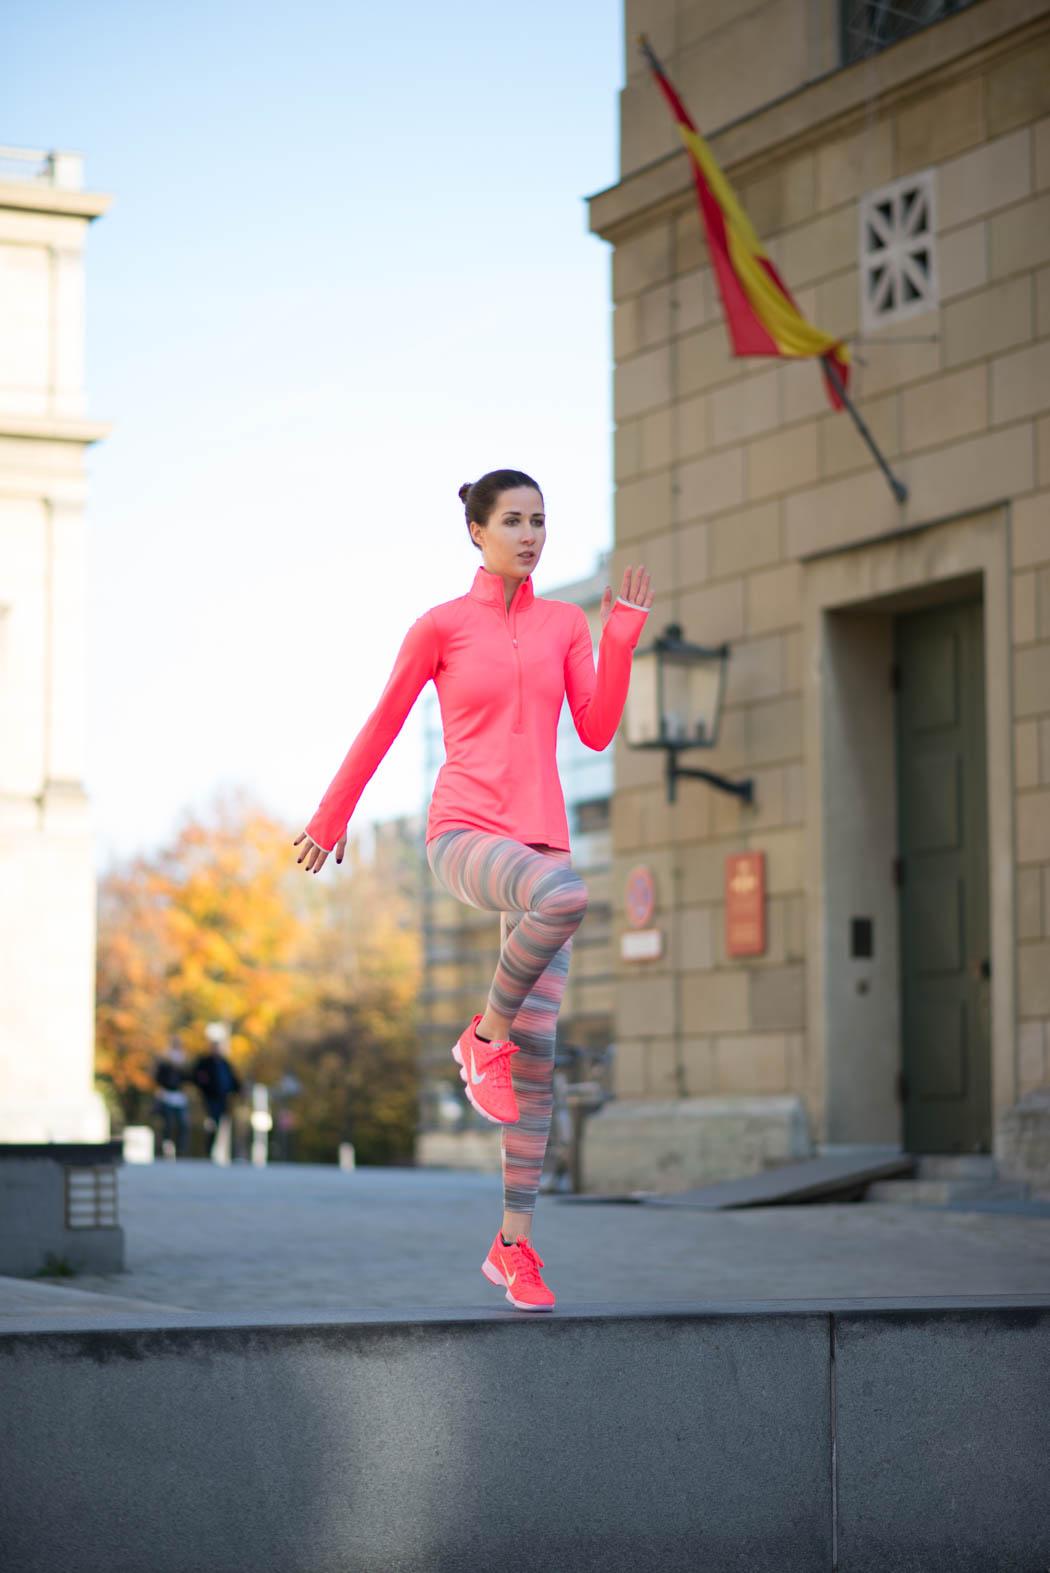 Workout-Running-Nike-Lindarella-Fitnessblogger-Deutschland-1